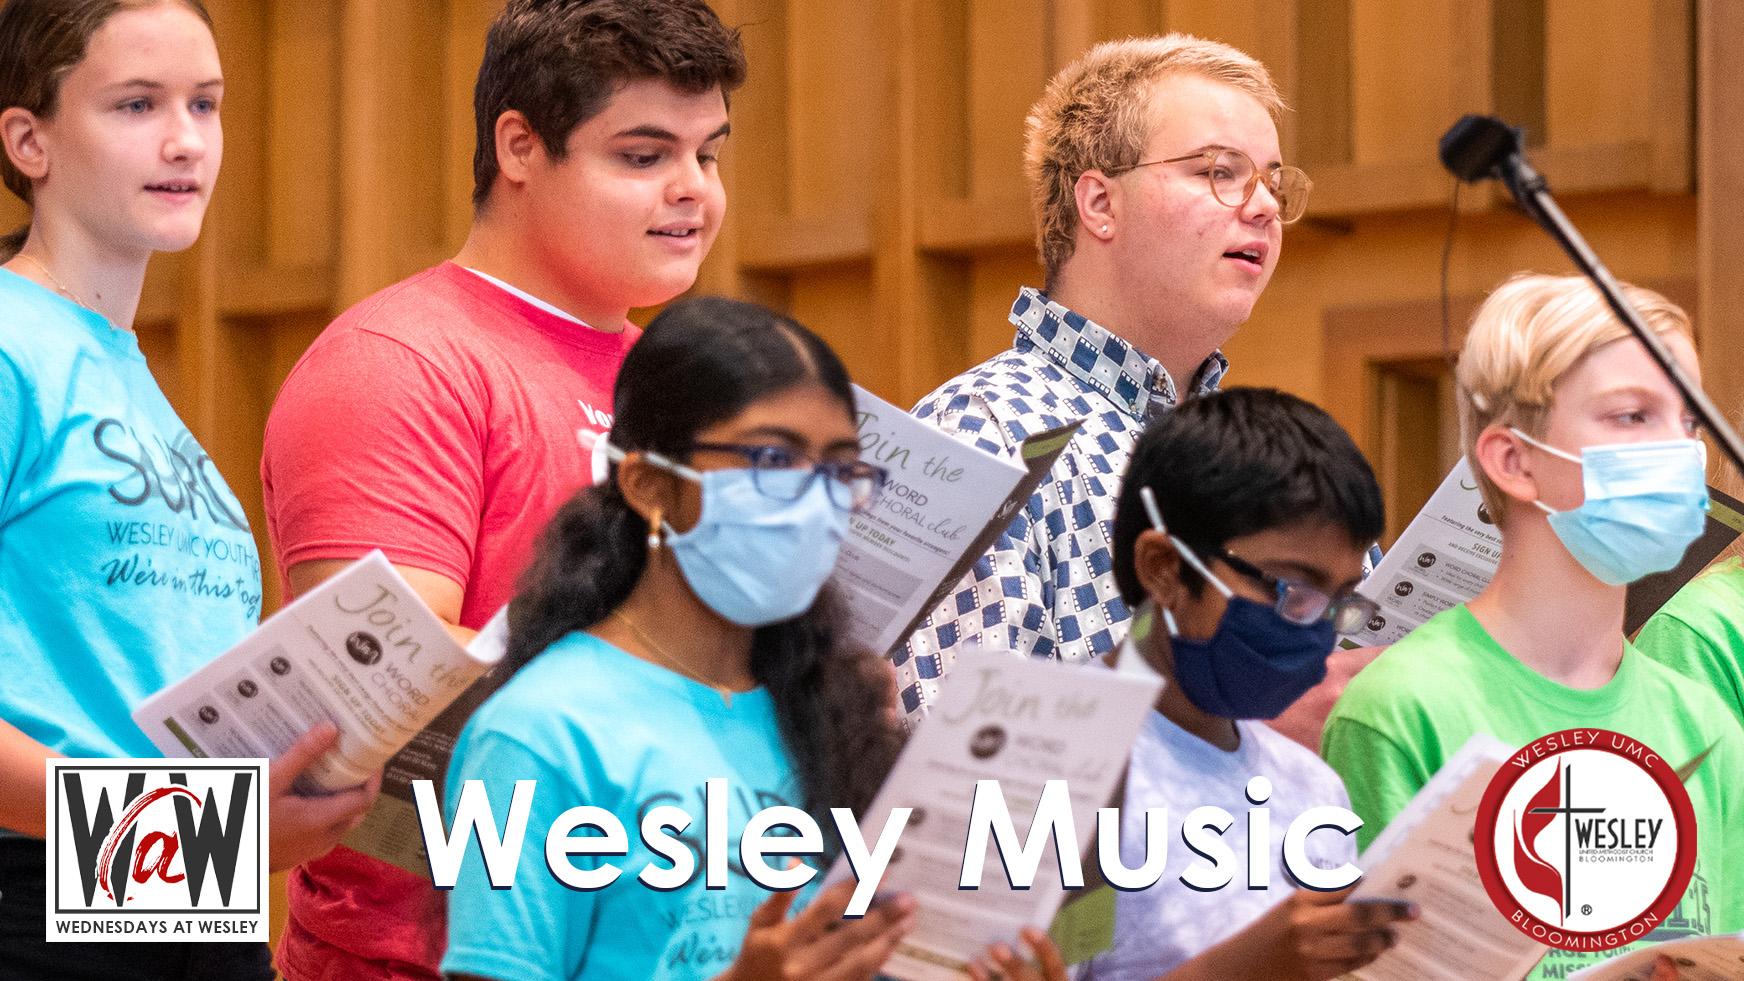 wesley Music